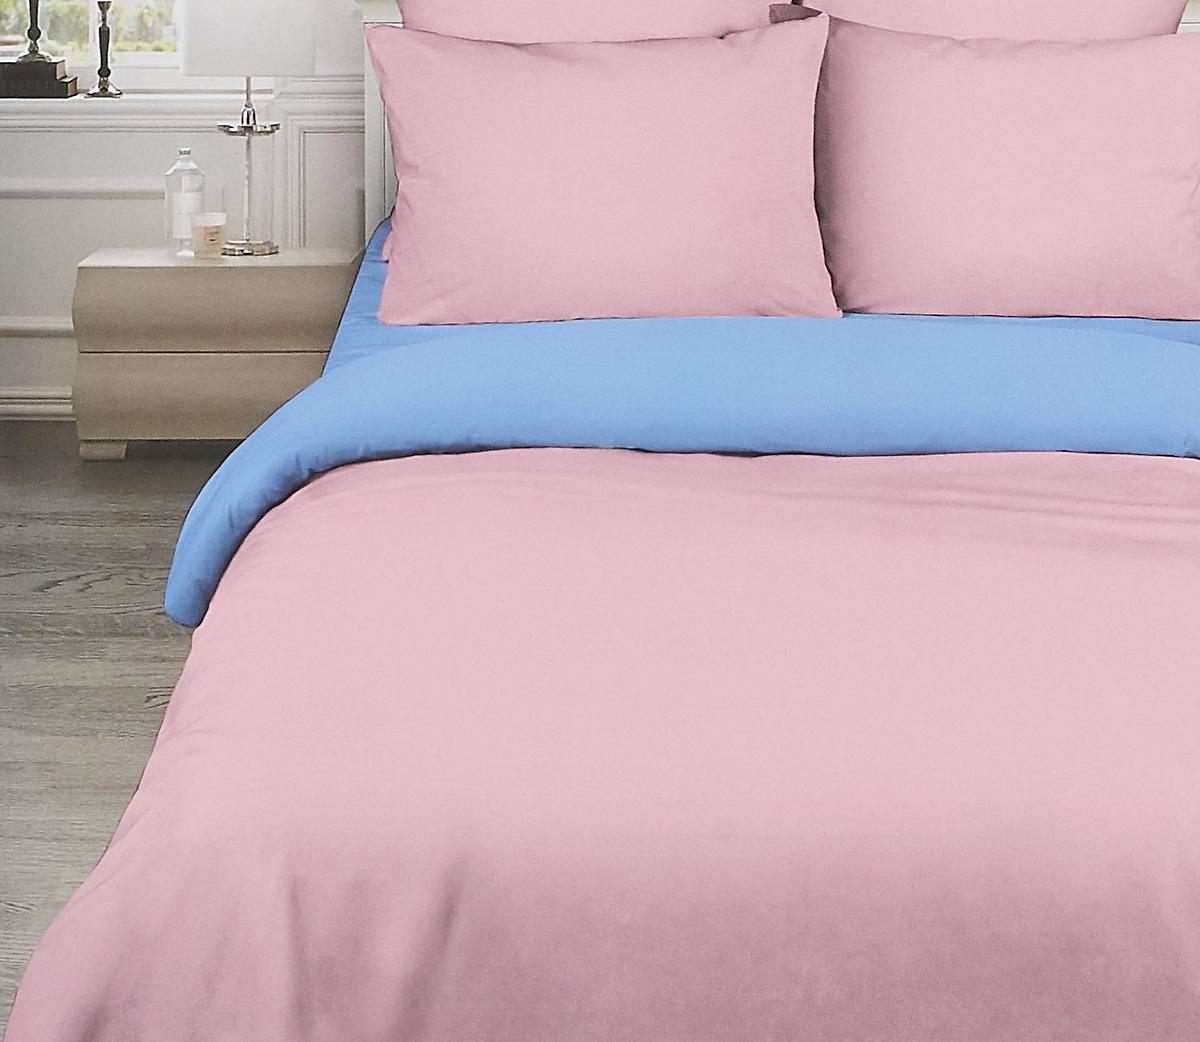 Комплект белья Василиса Розовый рассвет, 2-спальный, наволочки 70x70, цвет: разноцветный. 377/1 комплект белья василиса мятная дымка 1 5 спальный наволочки 70x70 цвет зеленый розовый 363